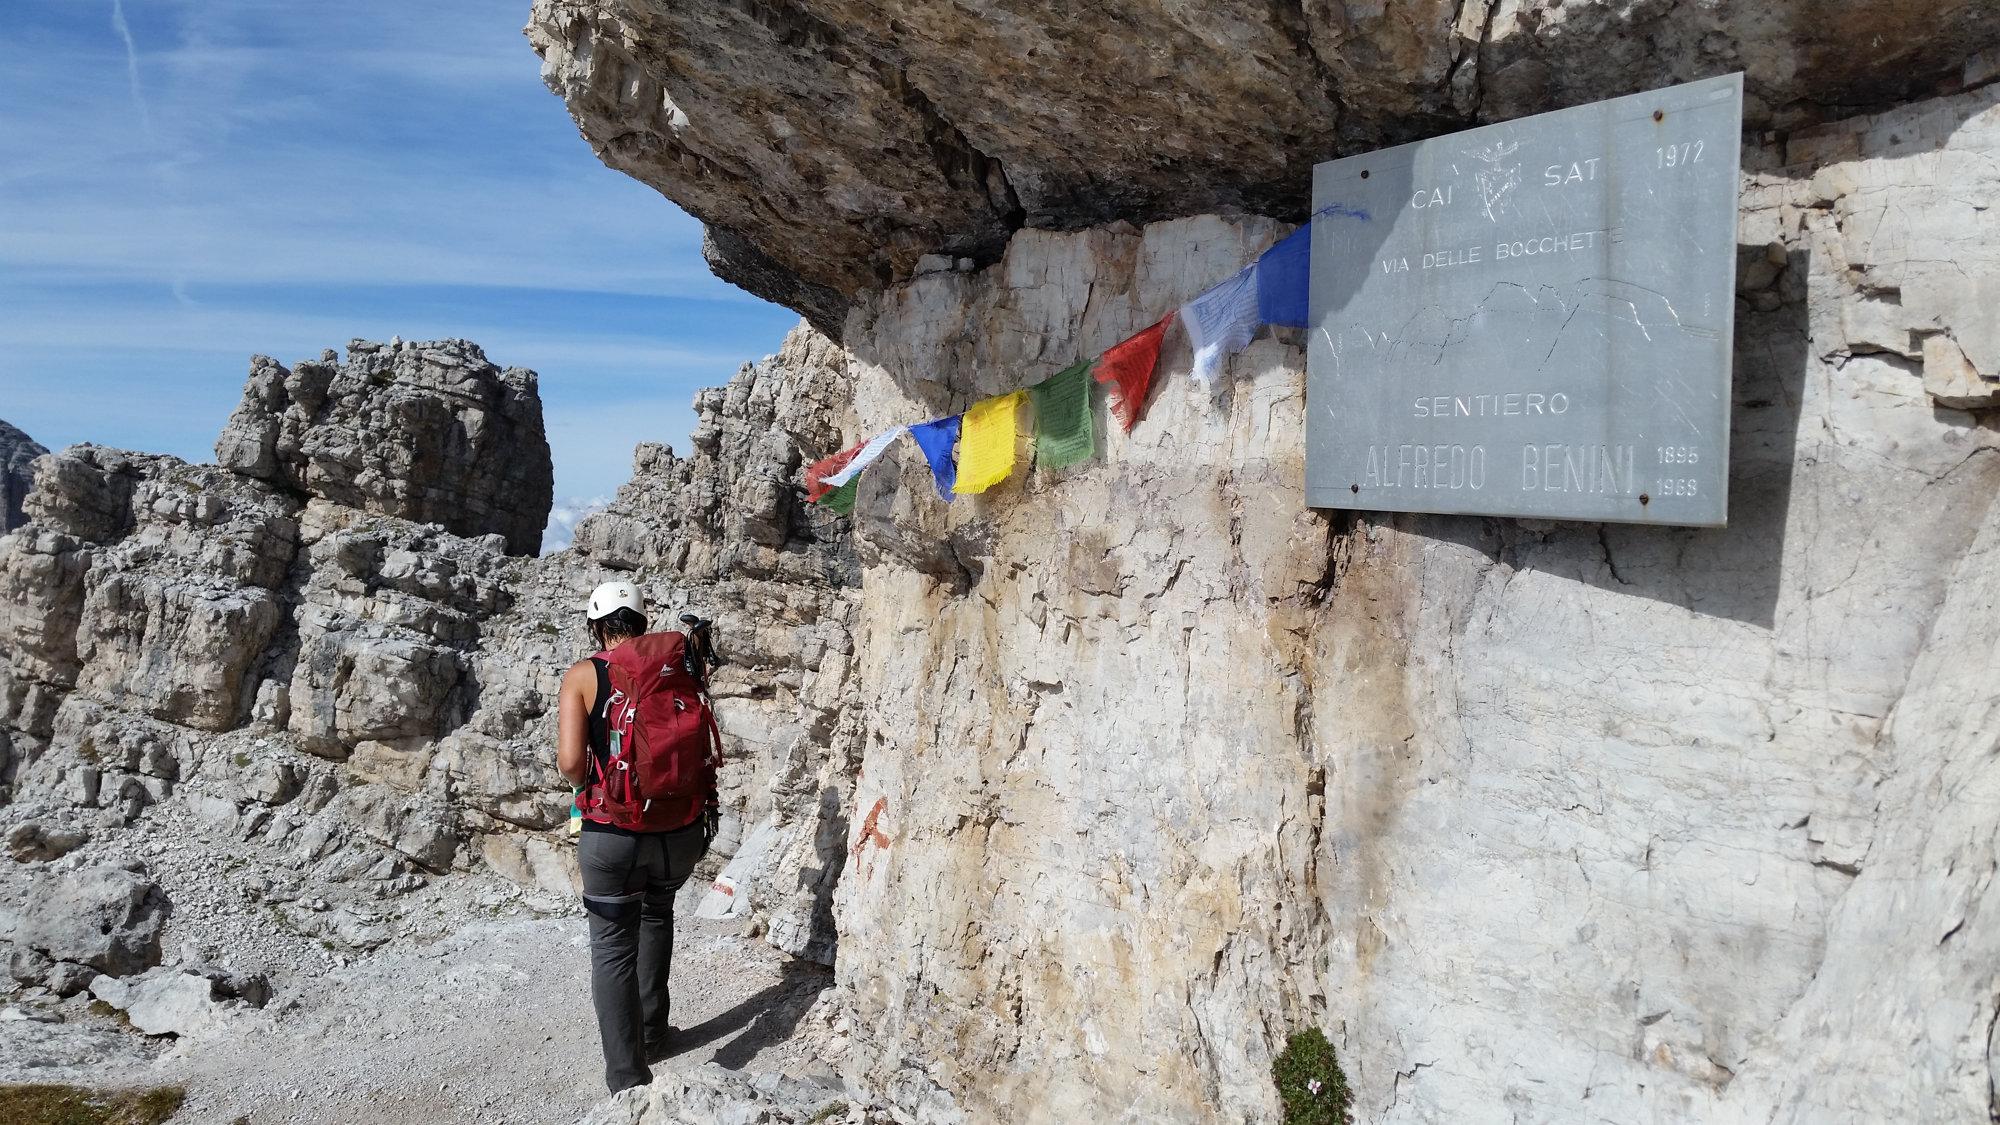 Start des Sentiero Benini, Brenta, Klettersteig, Dolomiten